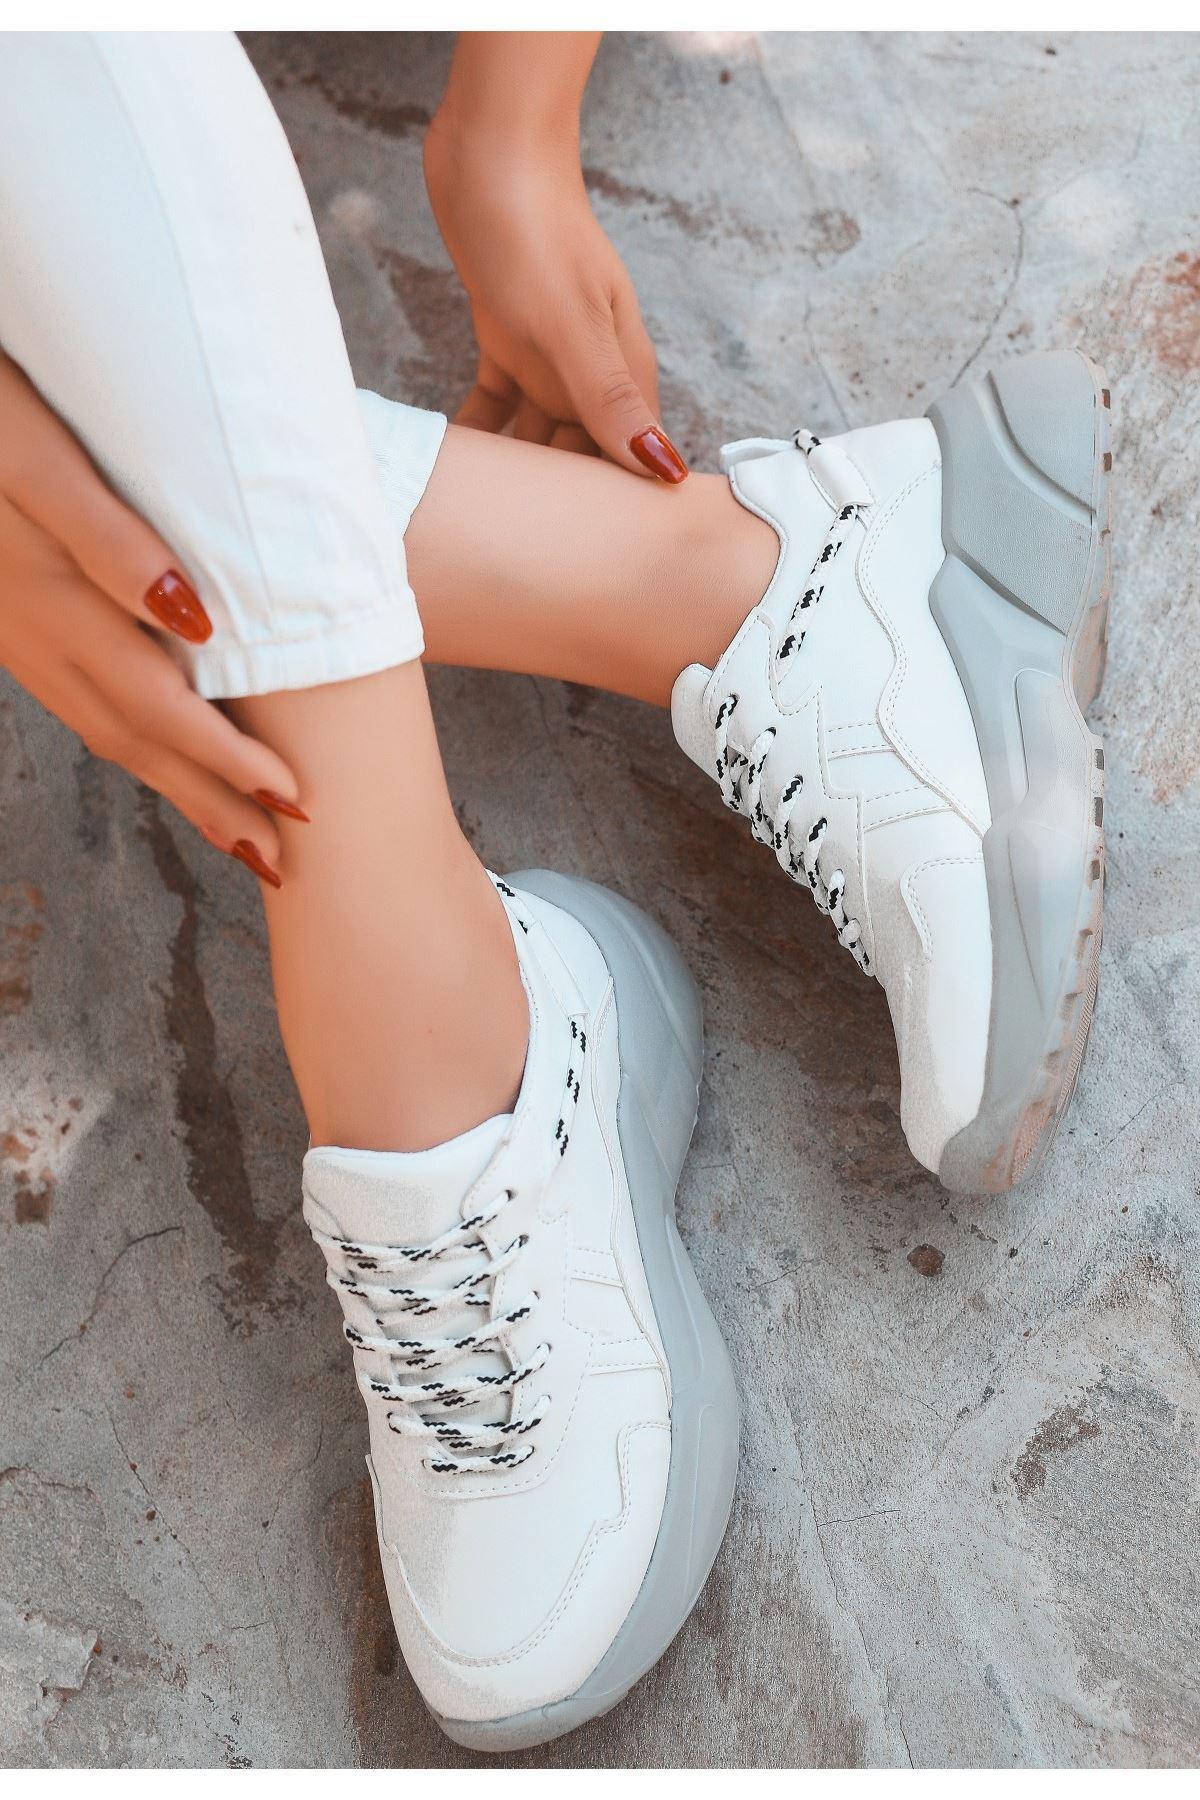 Silio Beyaz Cilt Gri Tabanlı Spor Ayakkabı